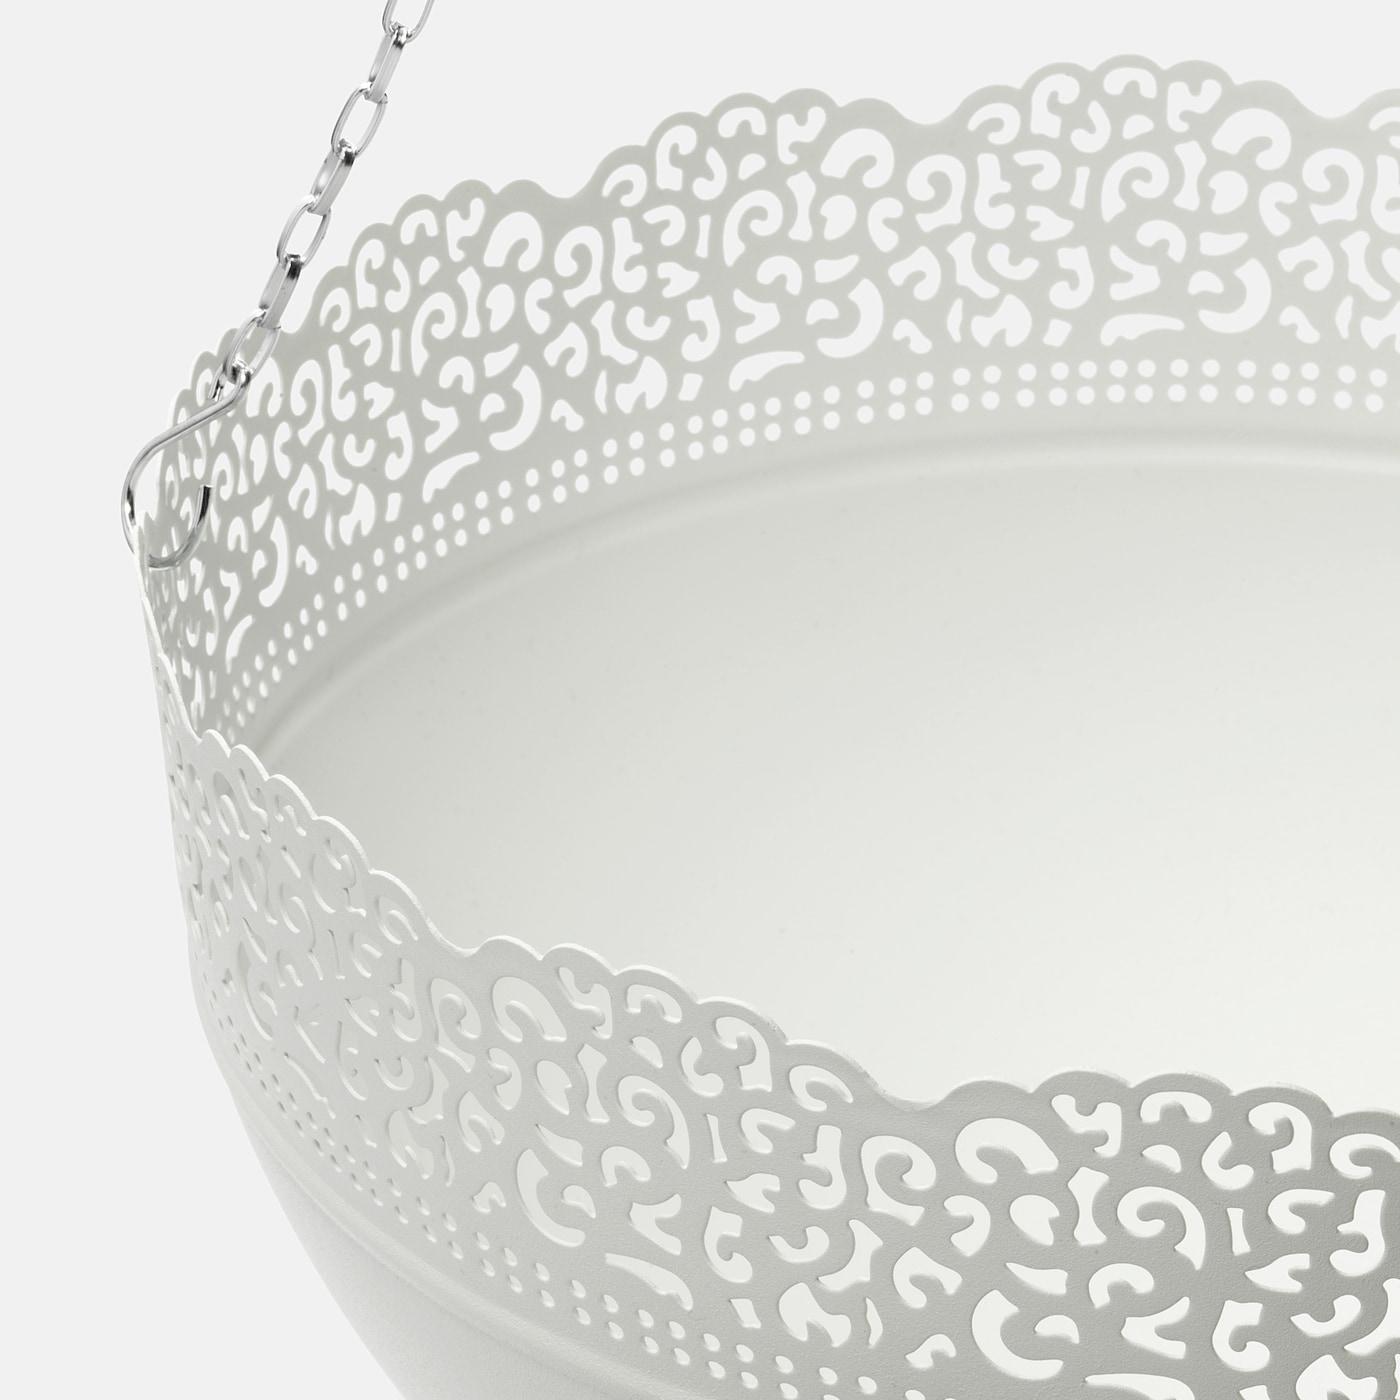 """Jardinière À Suspendre Ikea skurar jardinière à suspendre - intérieur/extérieur, blanc 11 ¾ """" (30 cm)"""